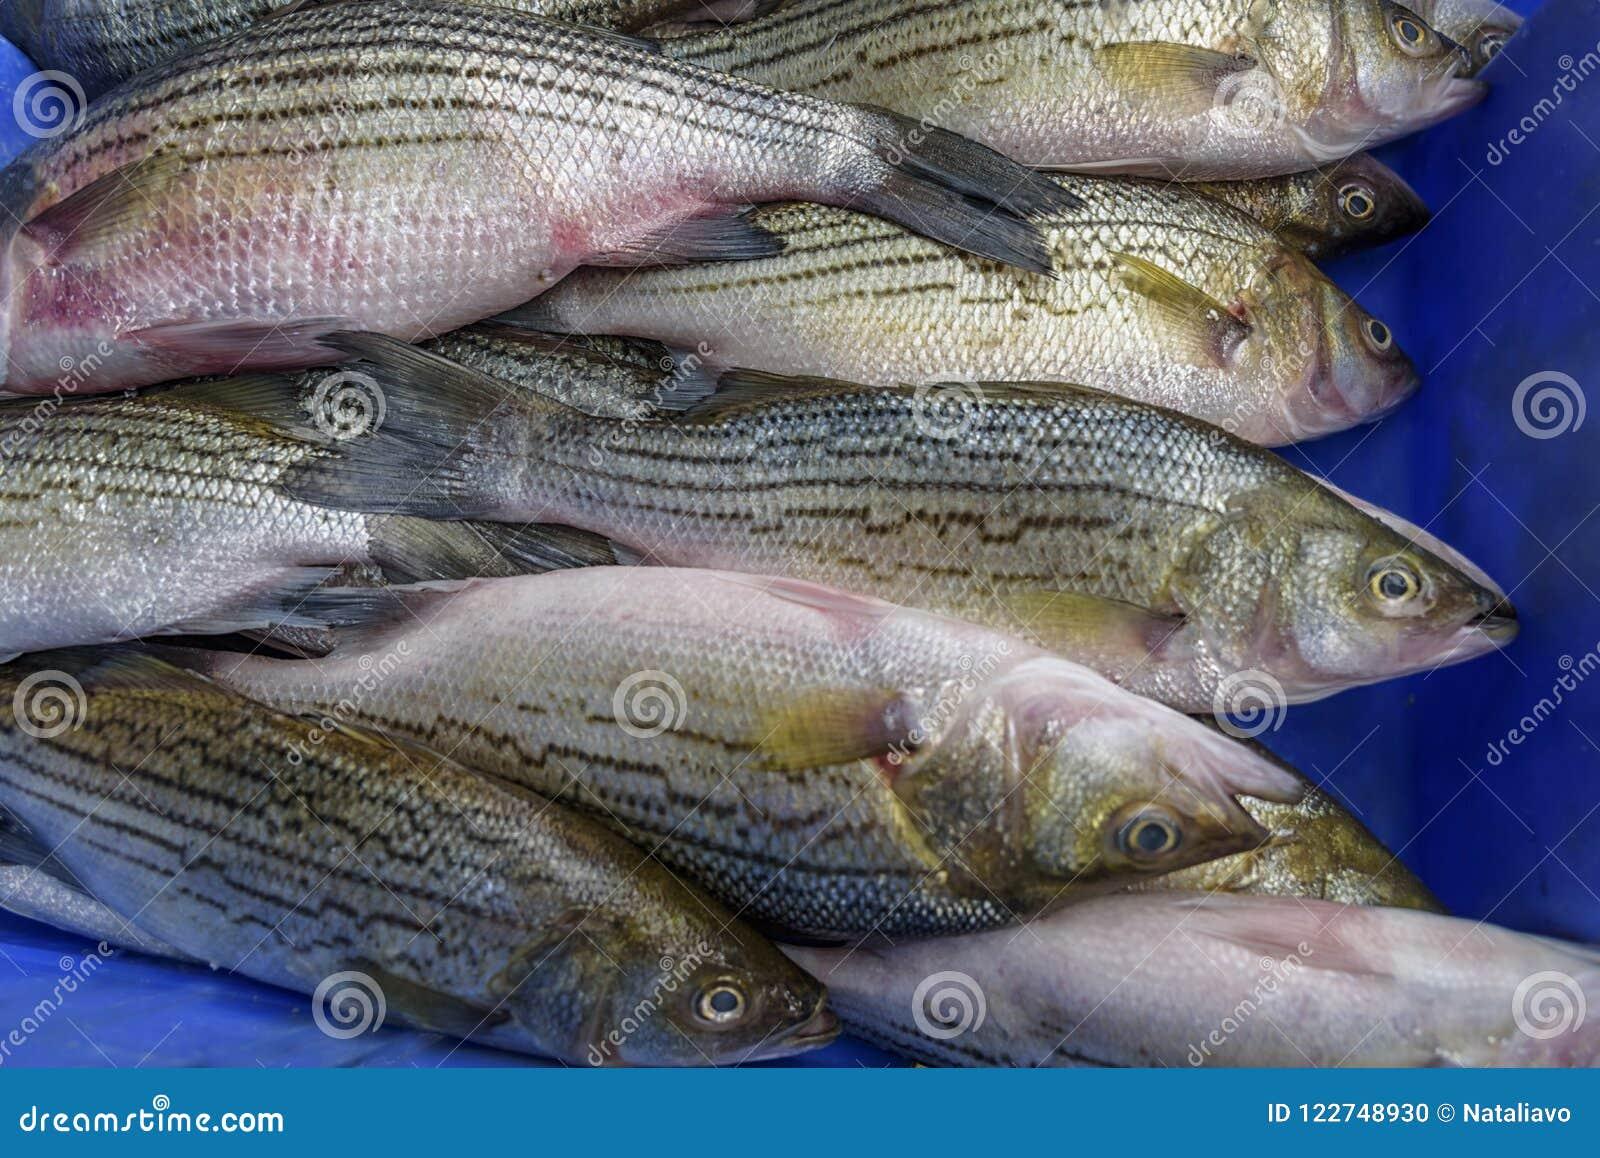 European bass, sea bass is a ocean-going fish. Fresh seafood